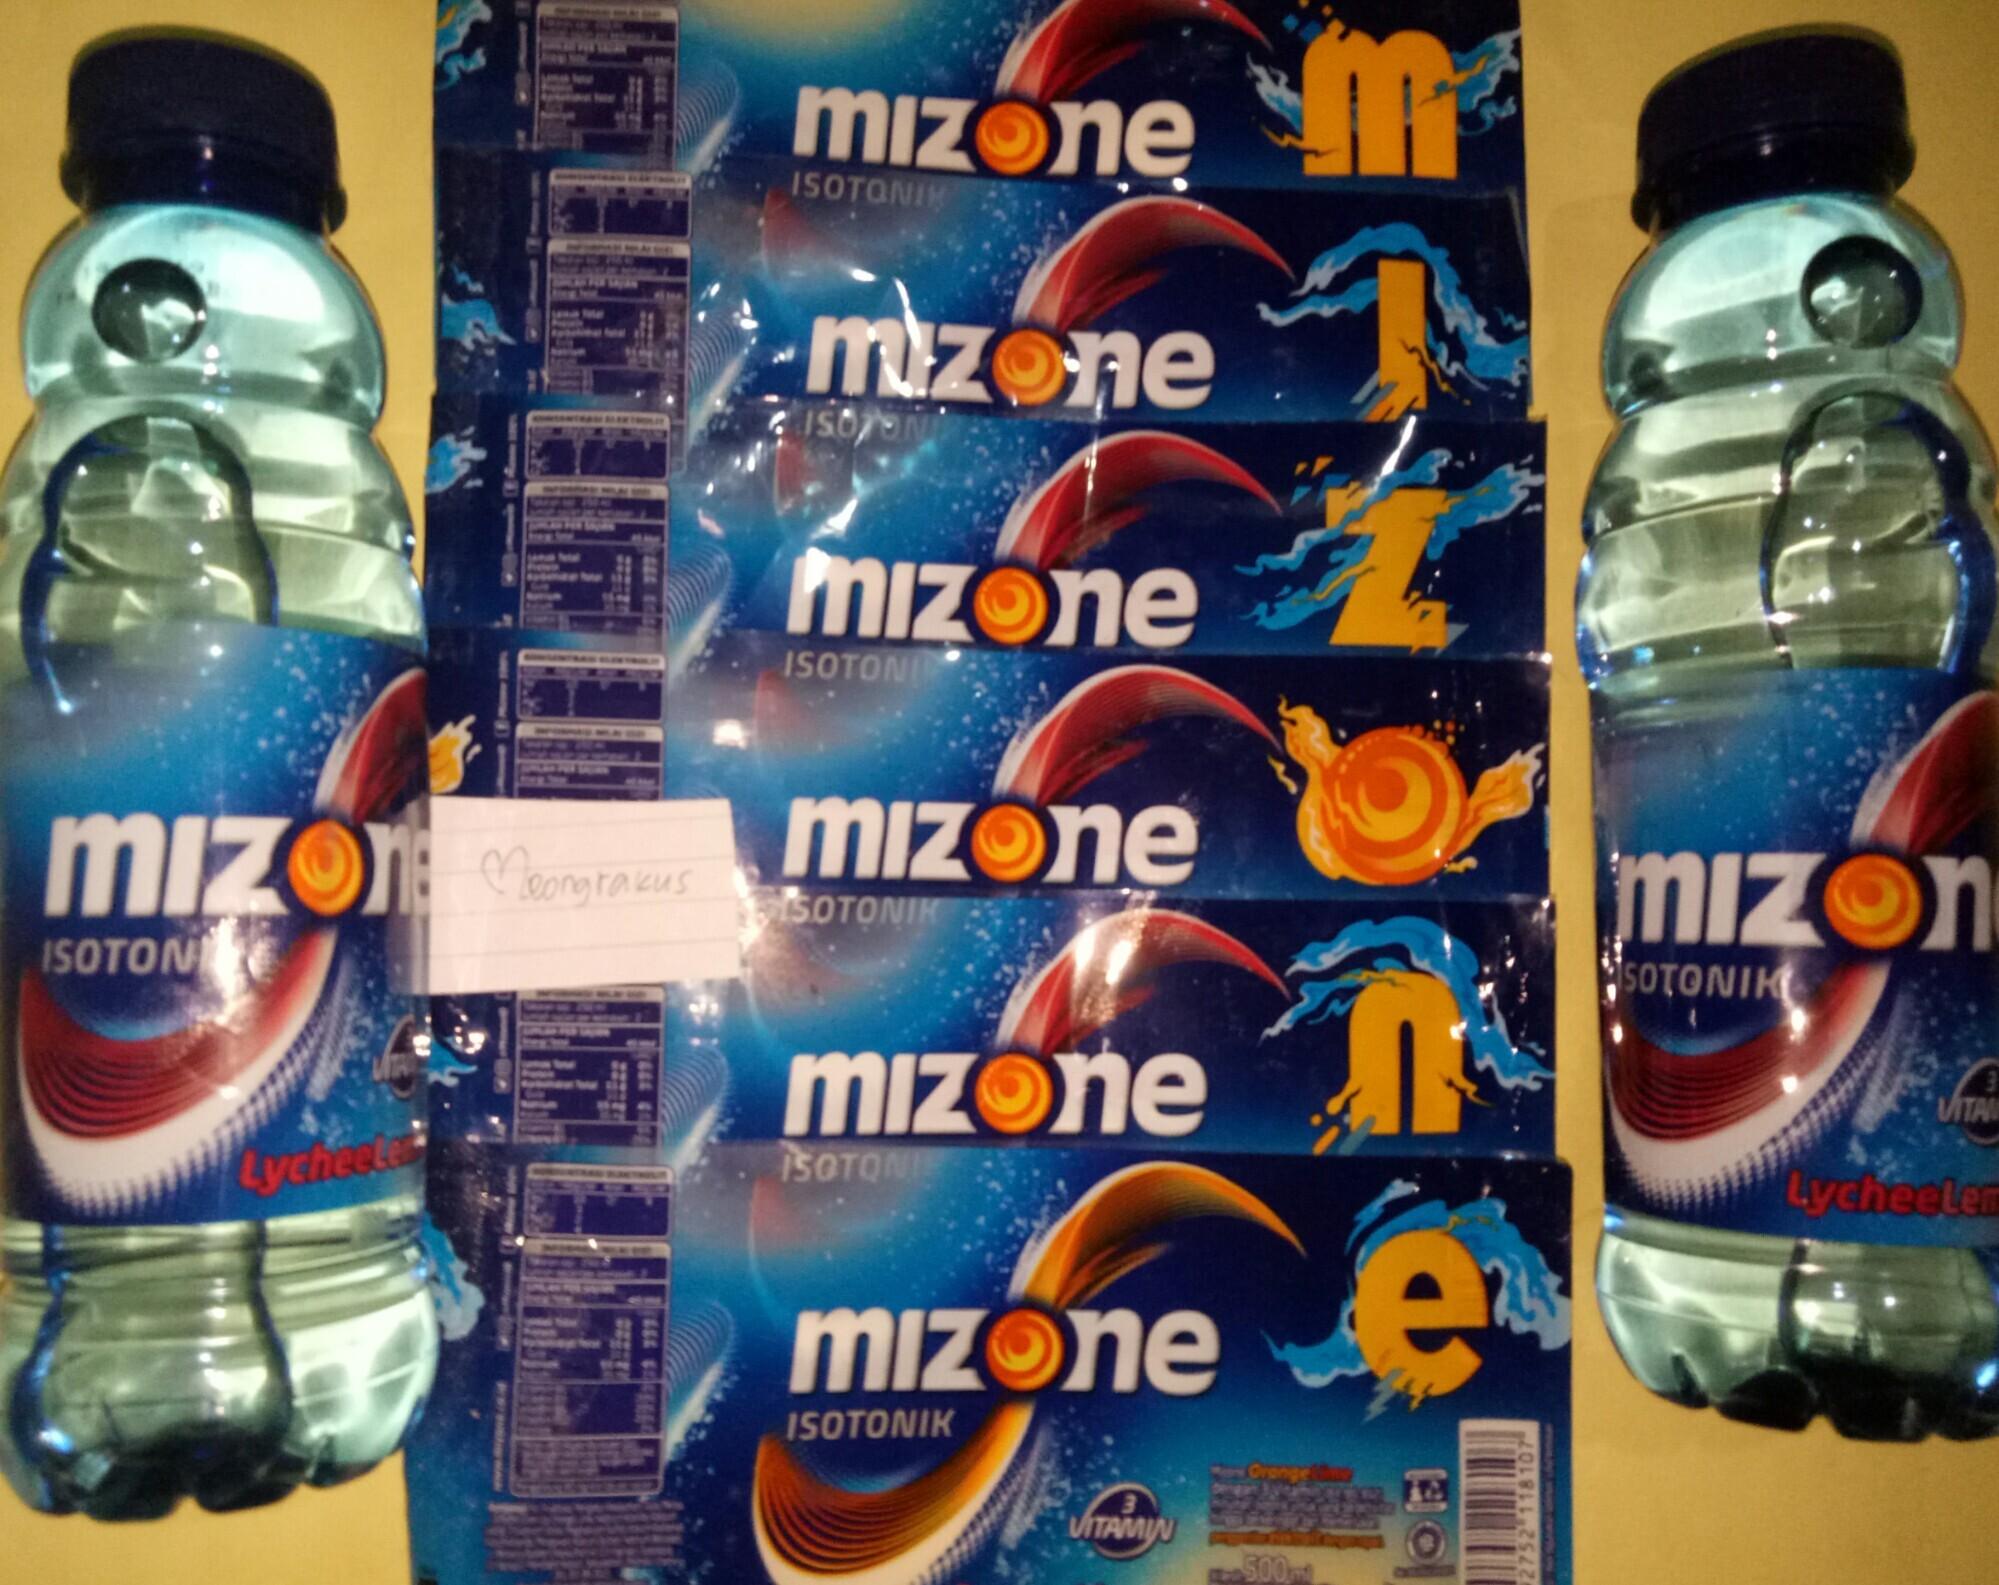 #KASKUSxMizone Mizone Nyegerin Banget, Gan!